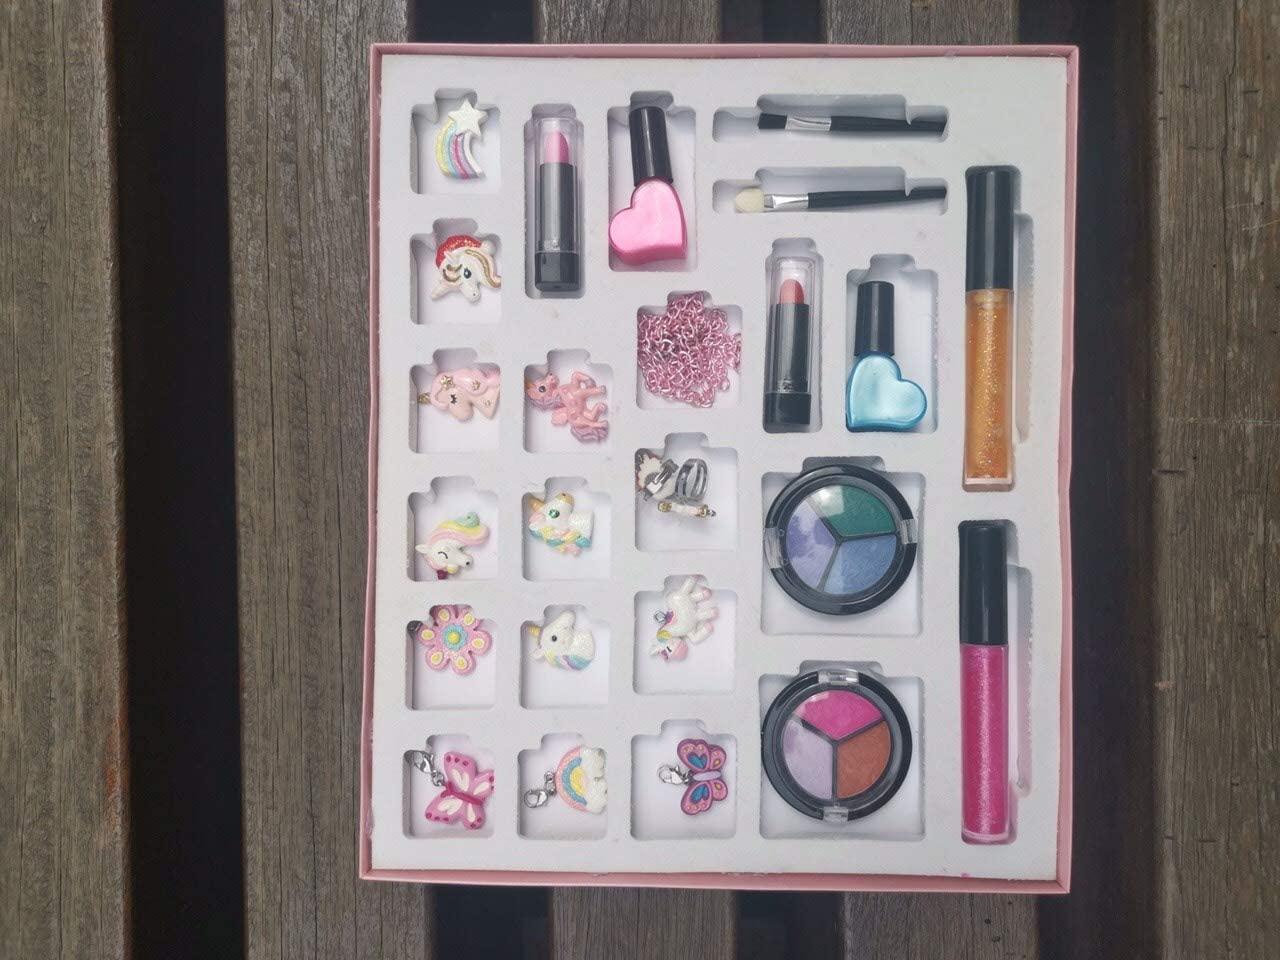 MJartoria Advent Calendar Makeup for Christmas 2020-Advent Calendar for Girls, Women, Teens Beauty Makeup Lipstick, Butterfly Necklace Pendants Gifts